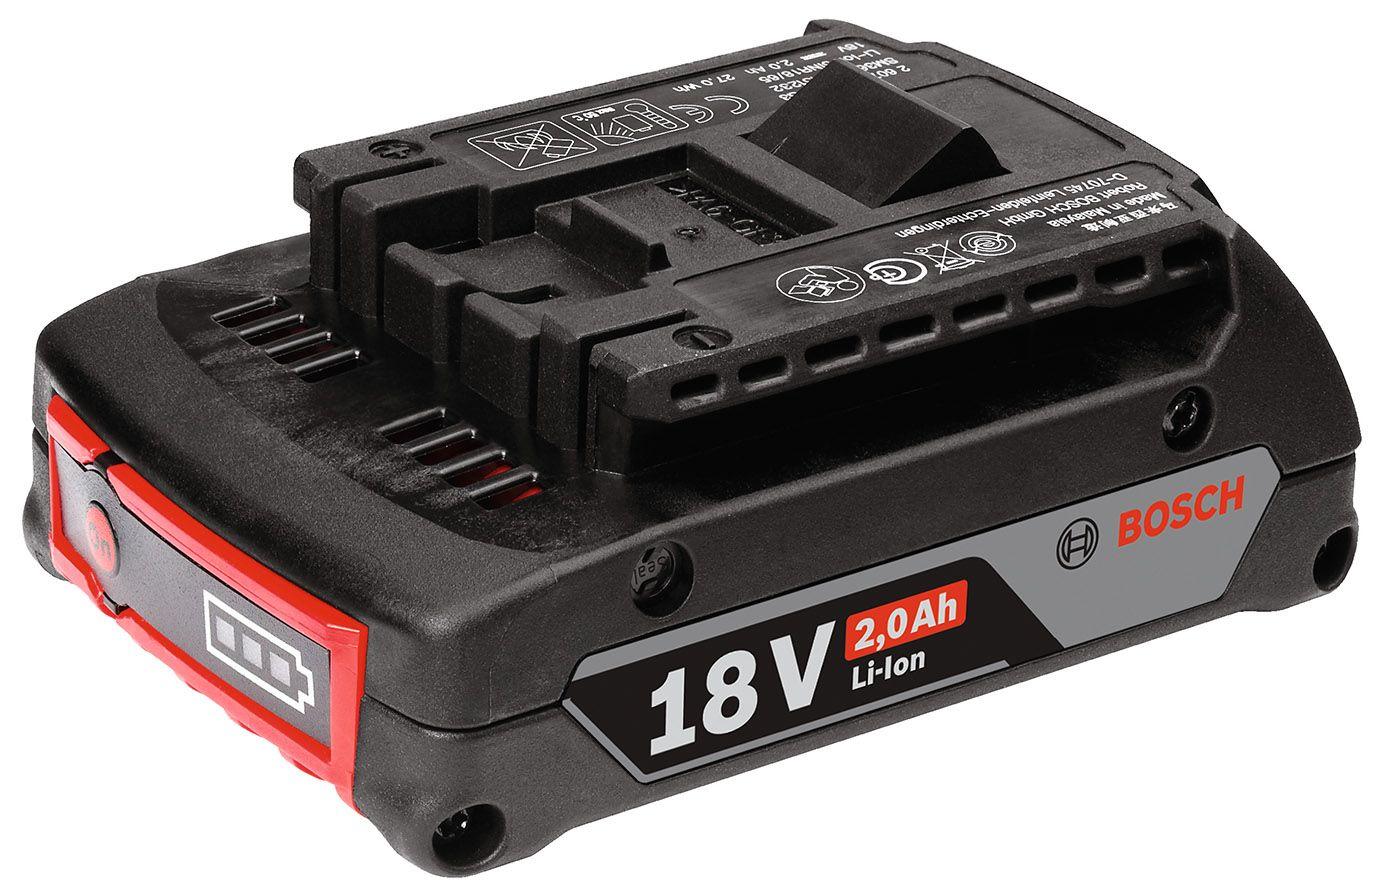 リチウムイオンバッテリー 18V・2.0AH (A1820LIB)